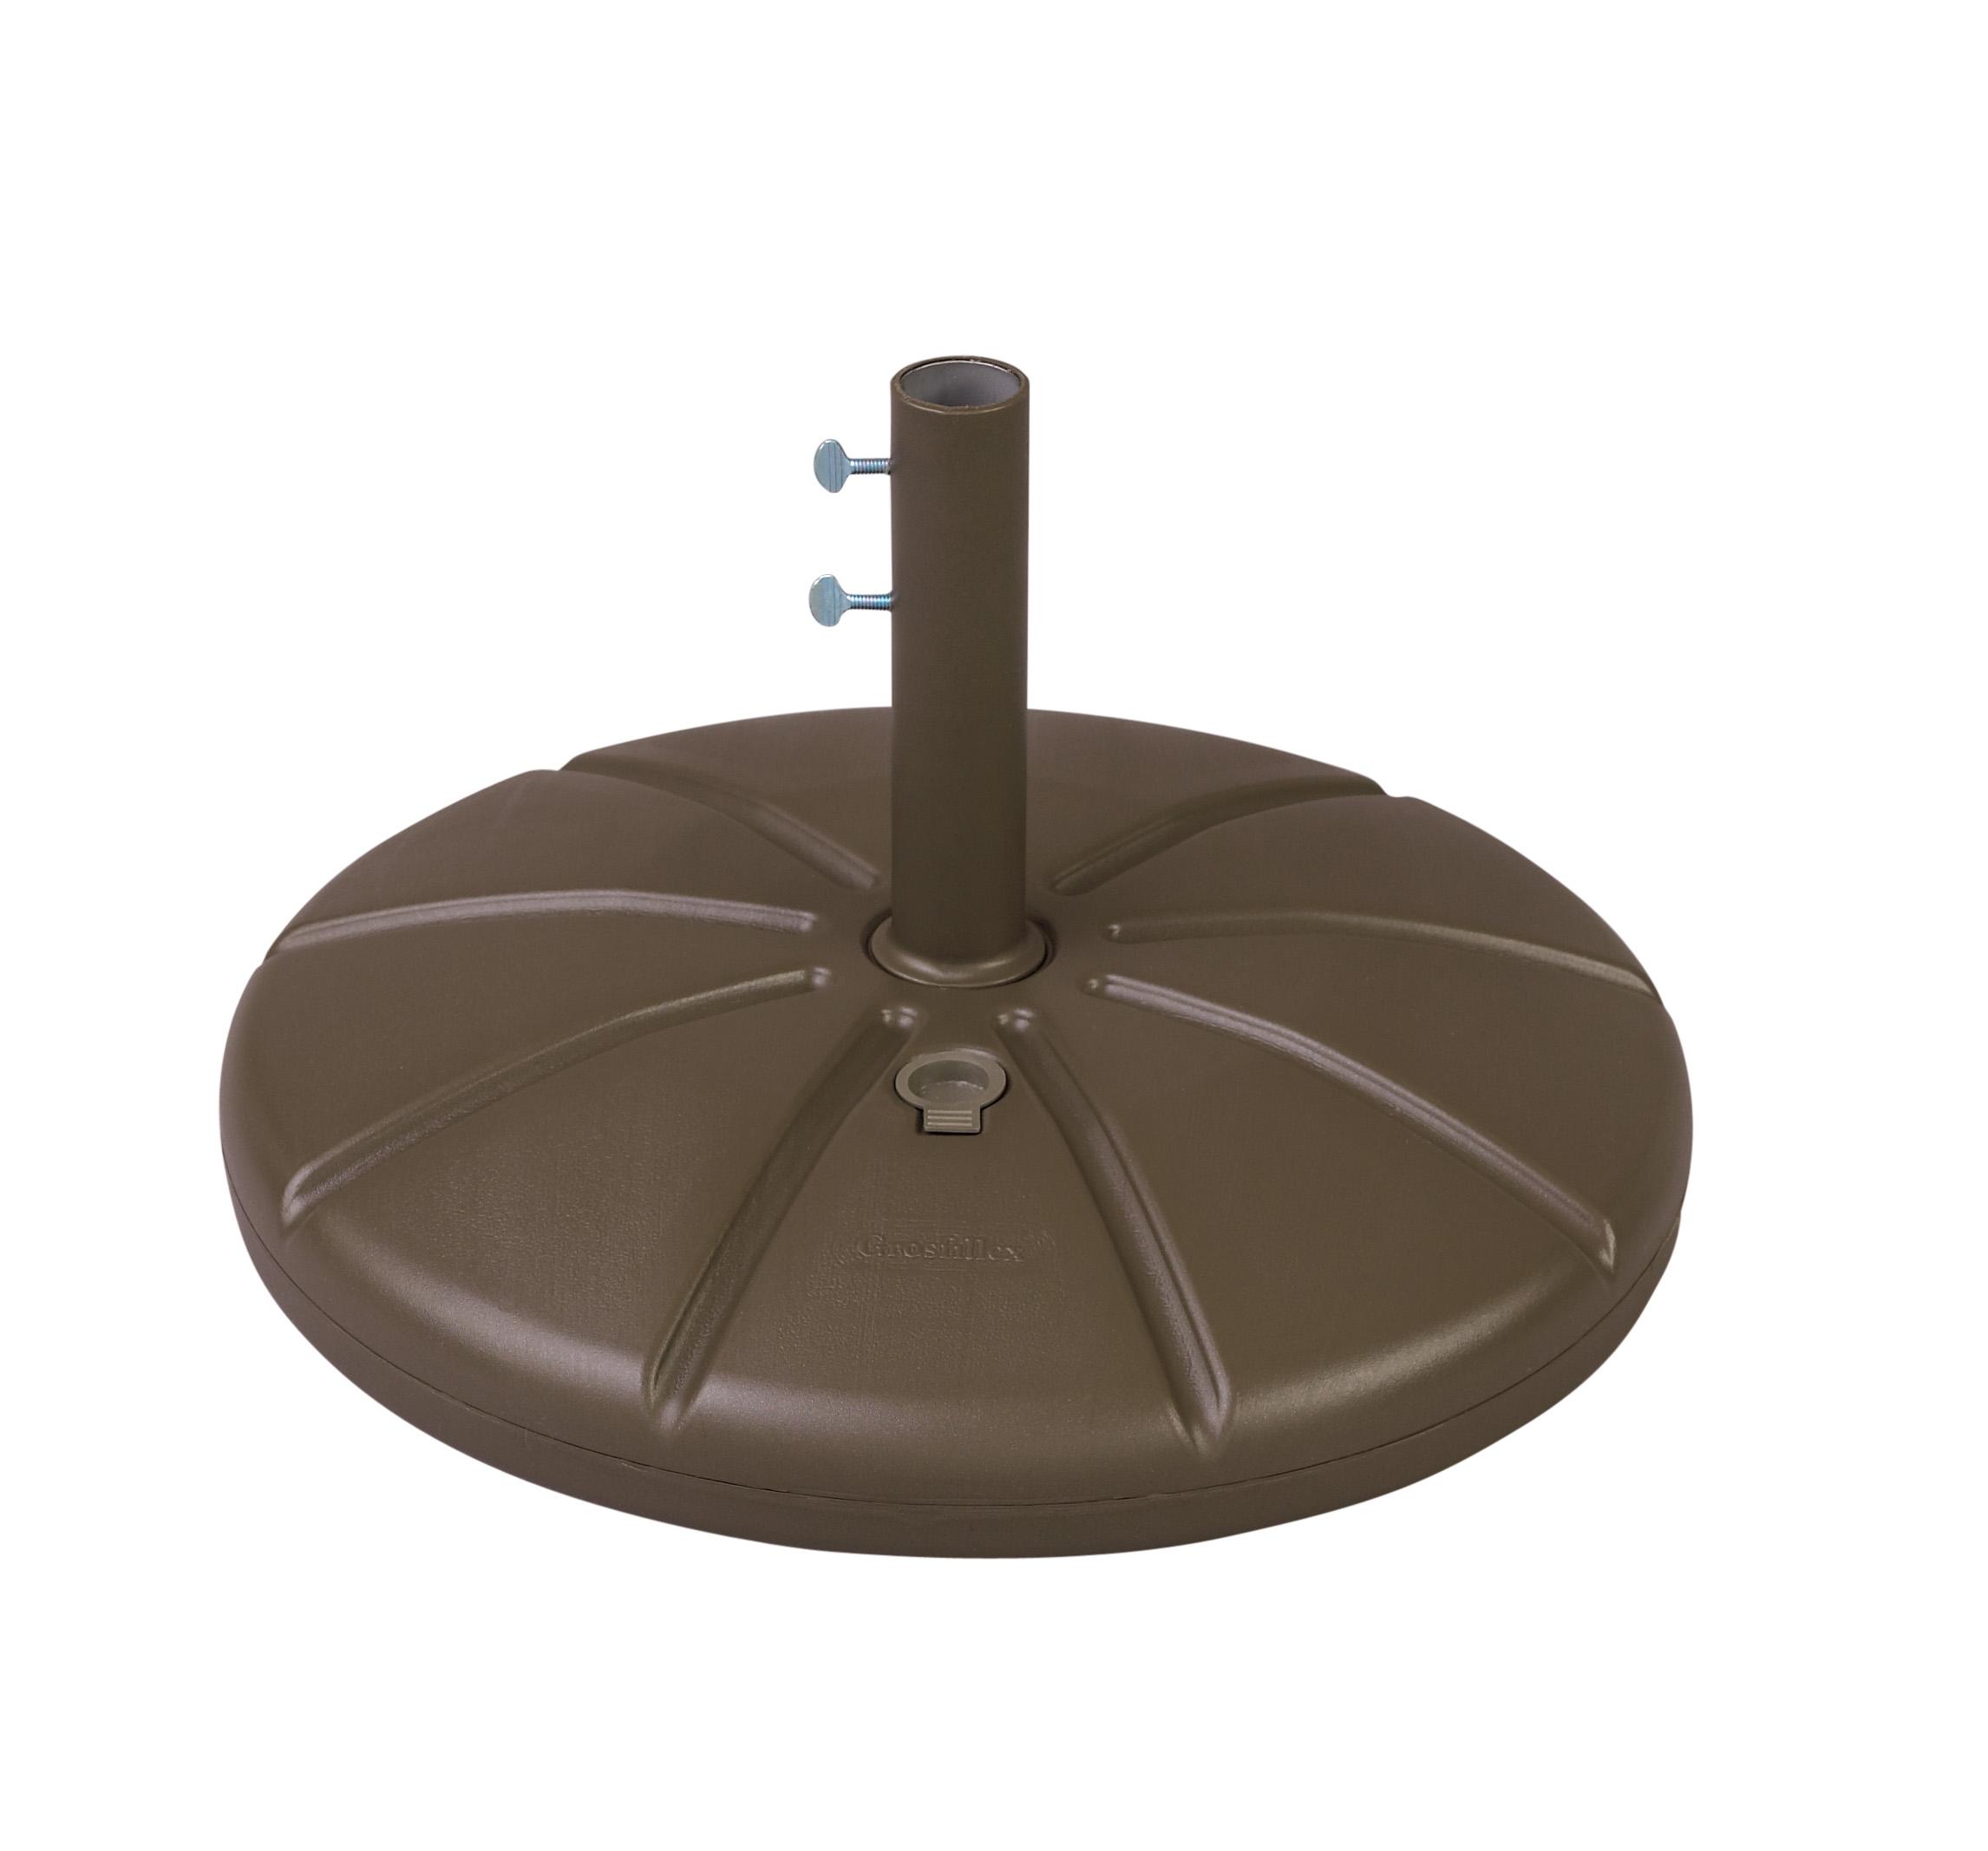 Grosfillex resin patio umbrella base with filling cap et t distributors - Zon parasol ...